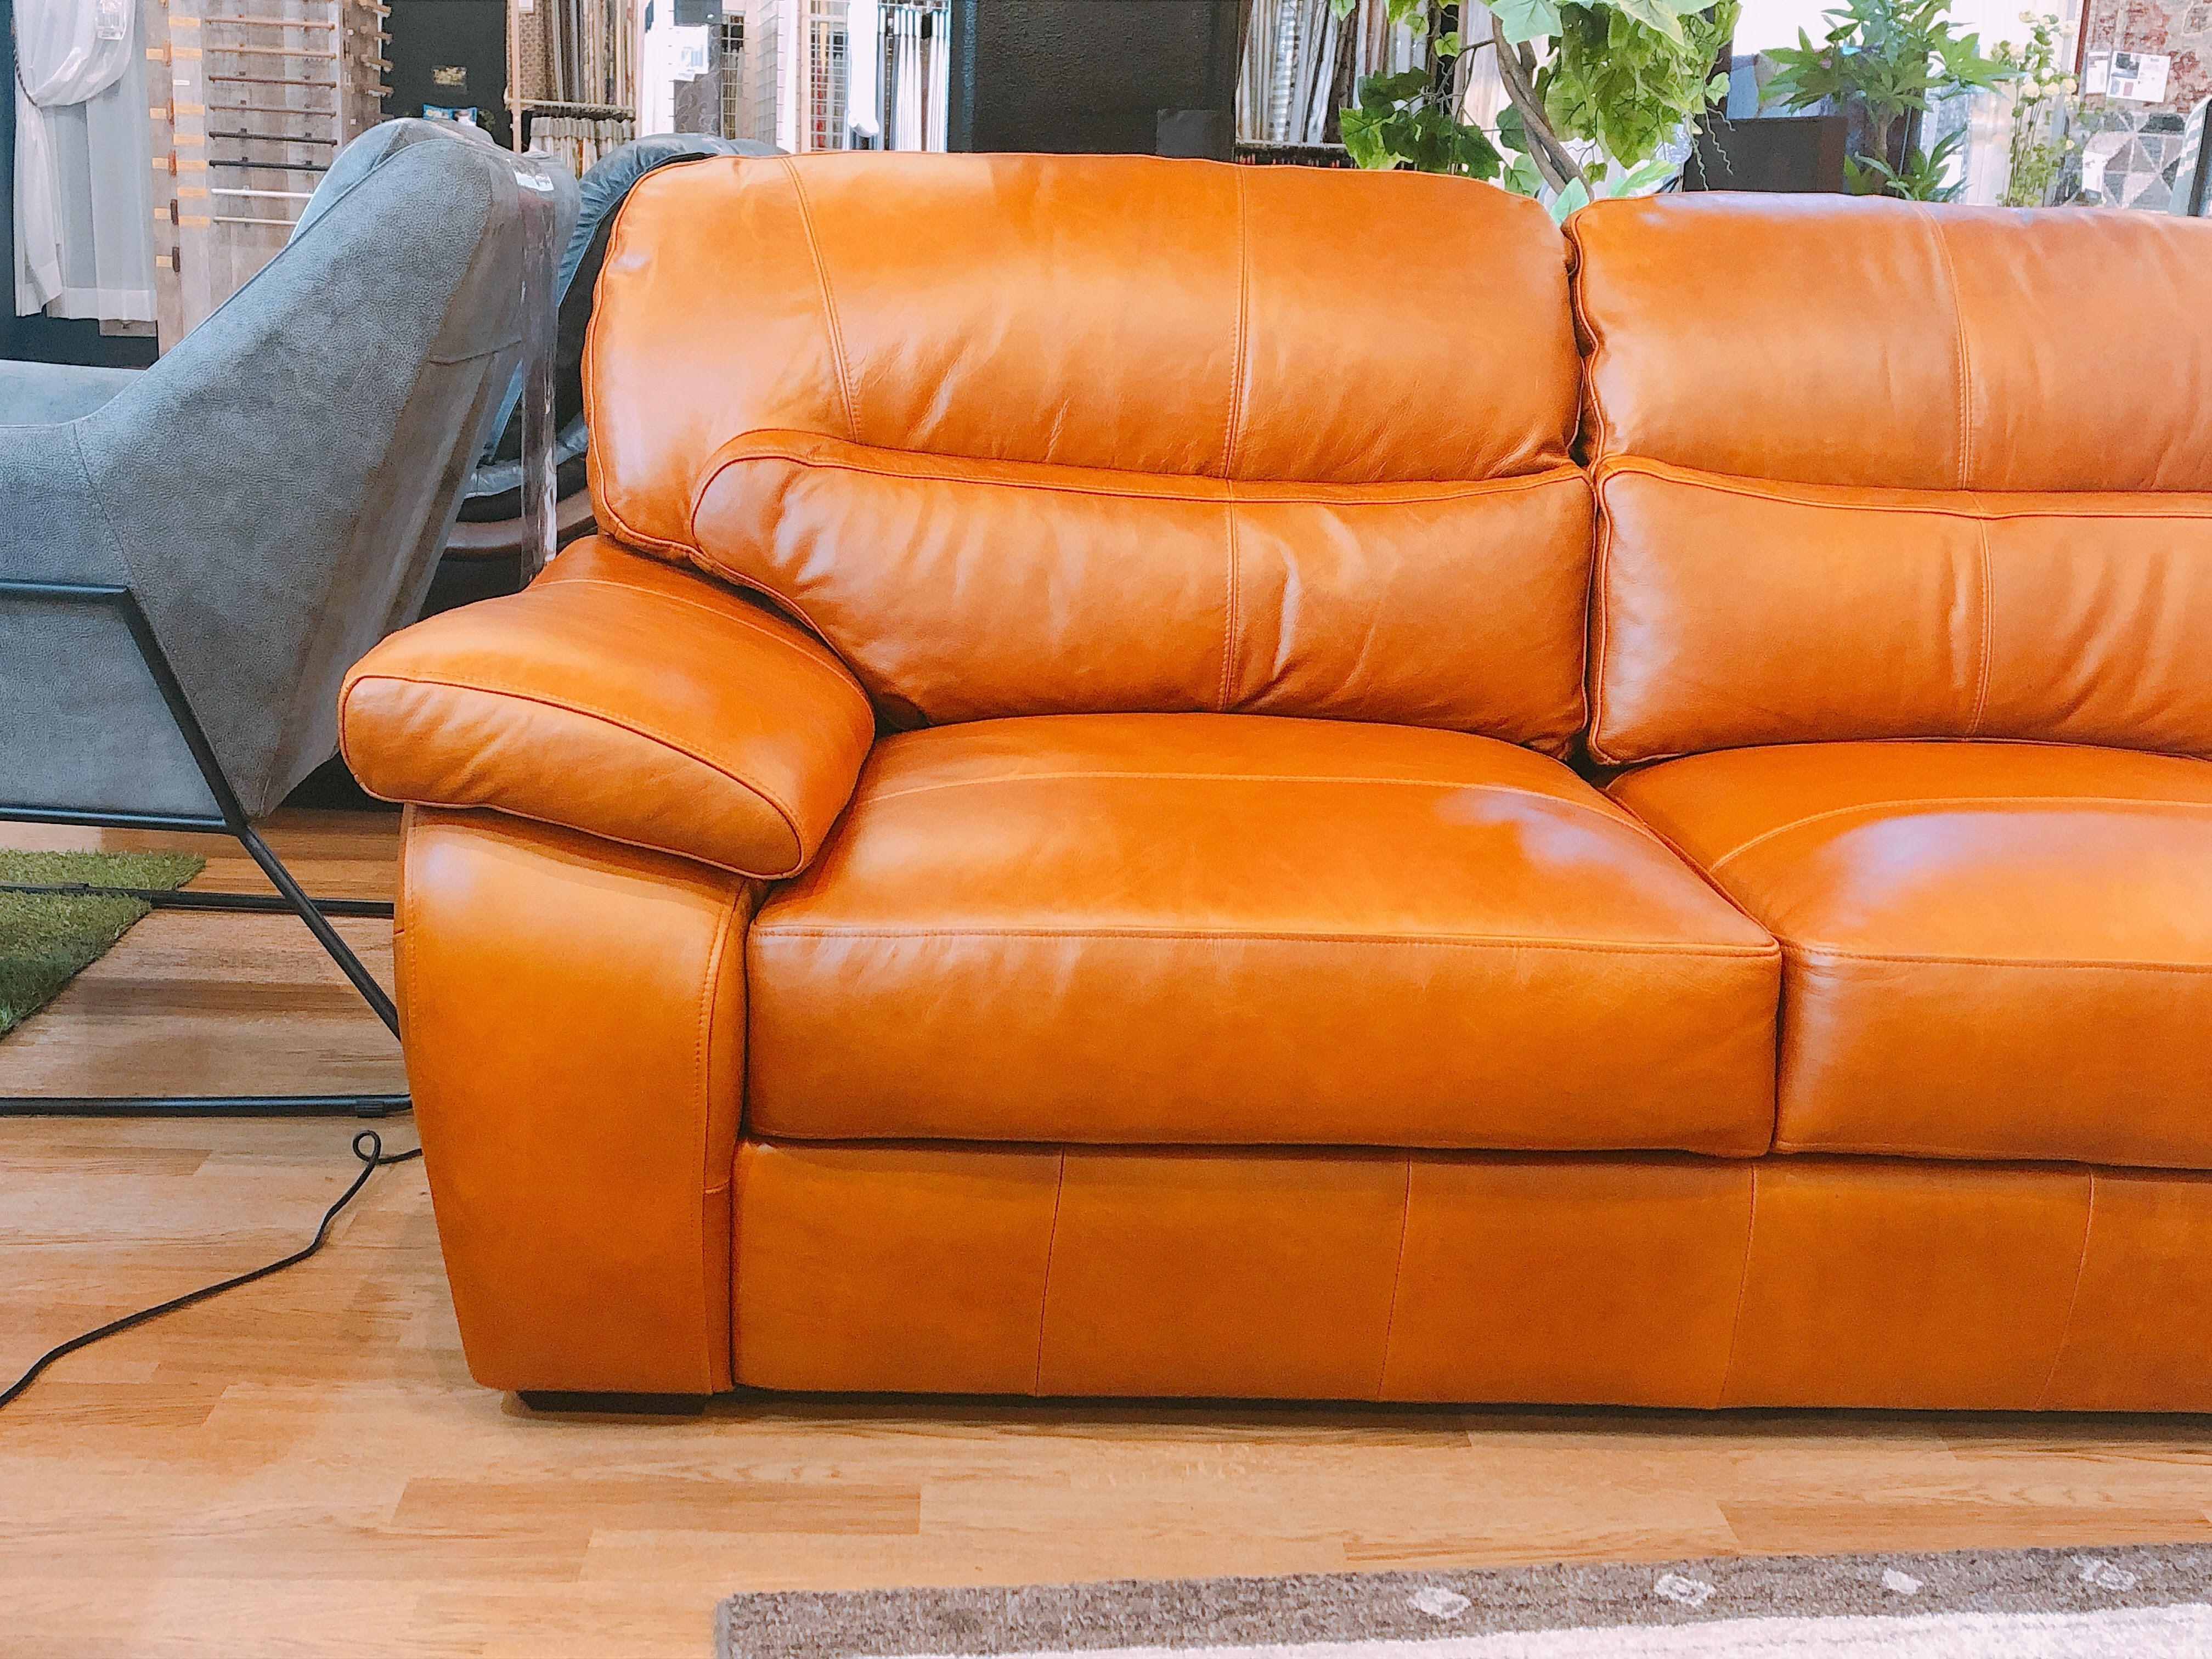 総革張り3人用ソファー メーカー放出品3台限りの画像3